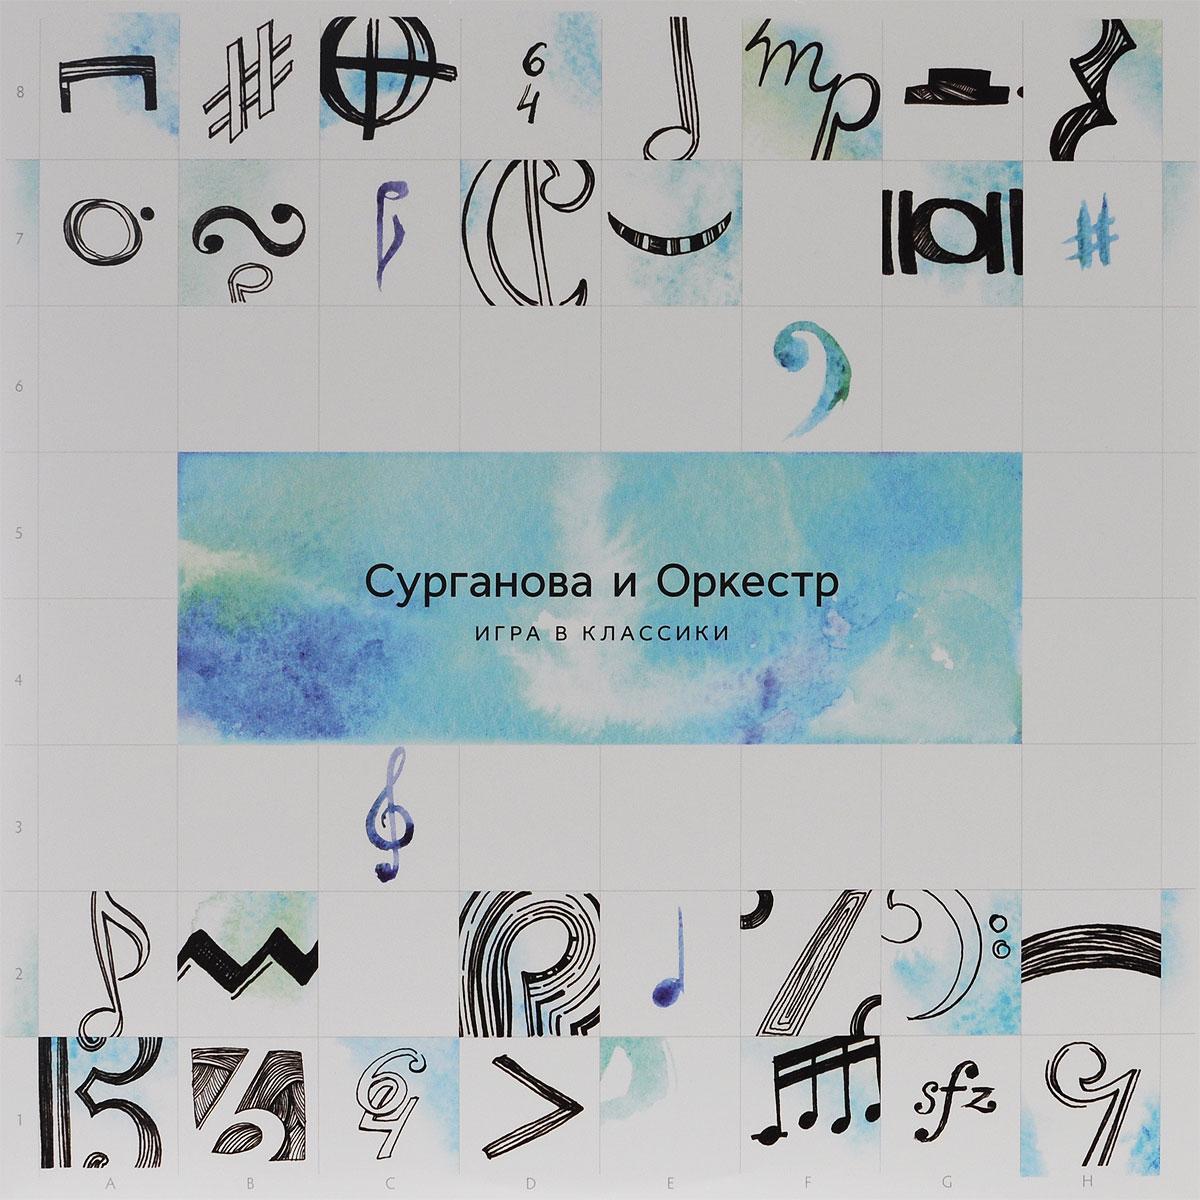 Сурганова и Оркестр Сурганова и Оркестр. Игра в классики (2 LP) сурганова и оркестр сурганова и оркестр лучшее